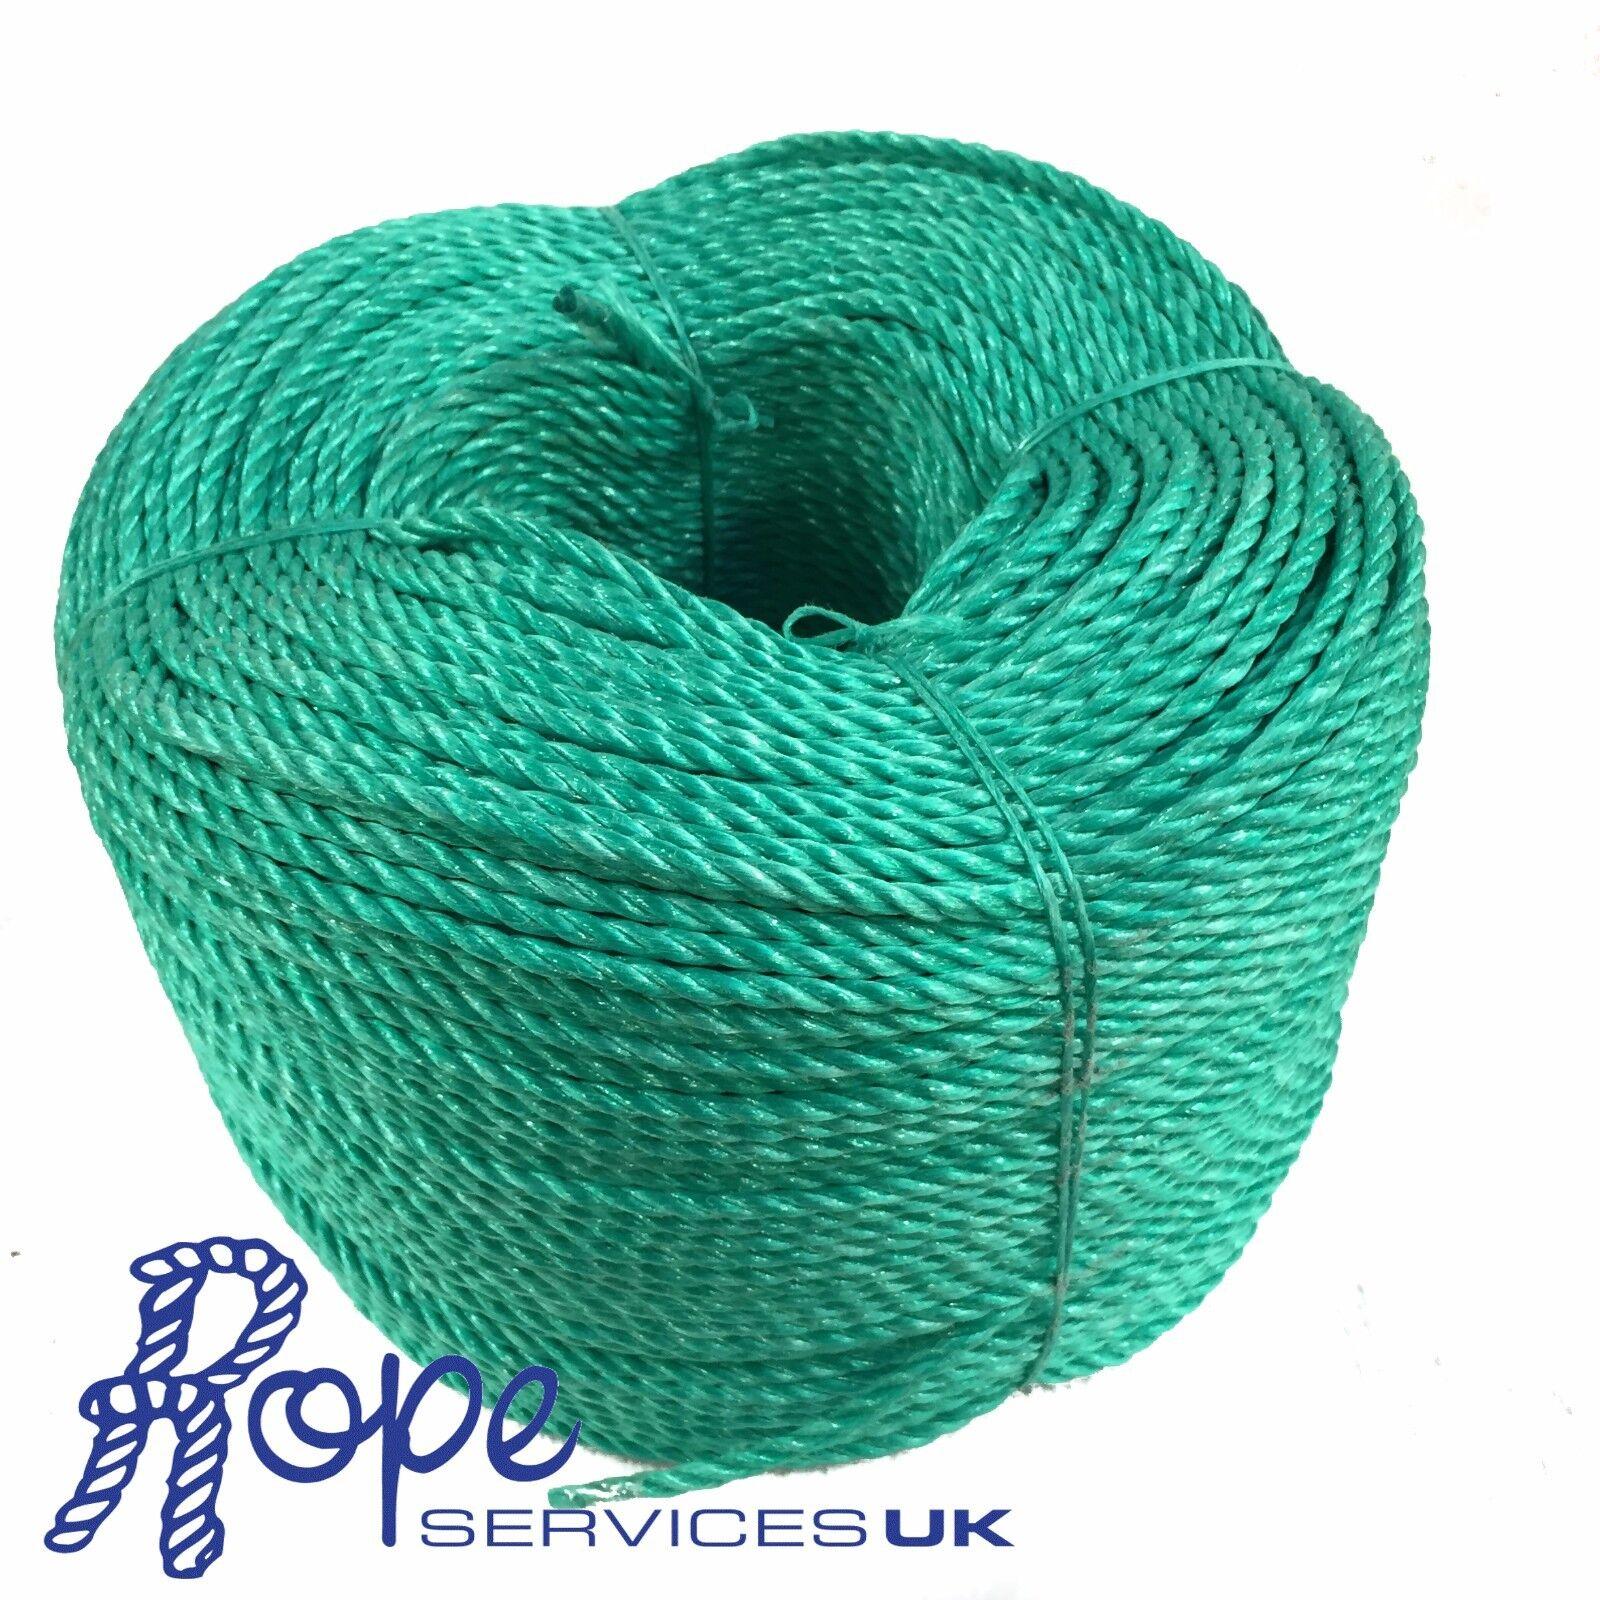 Grün Poly-Seil Rollen,Poly Seil, Polypropylen, Polyprop, Landwirtschaft, Planen